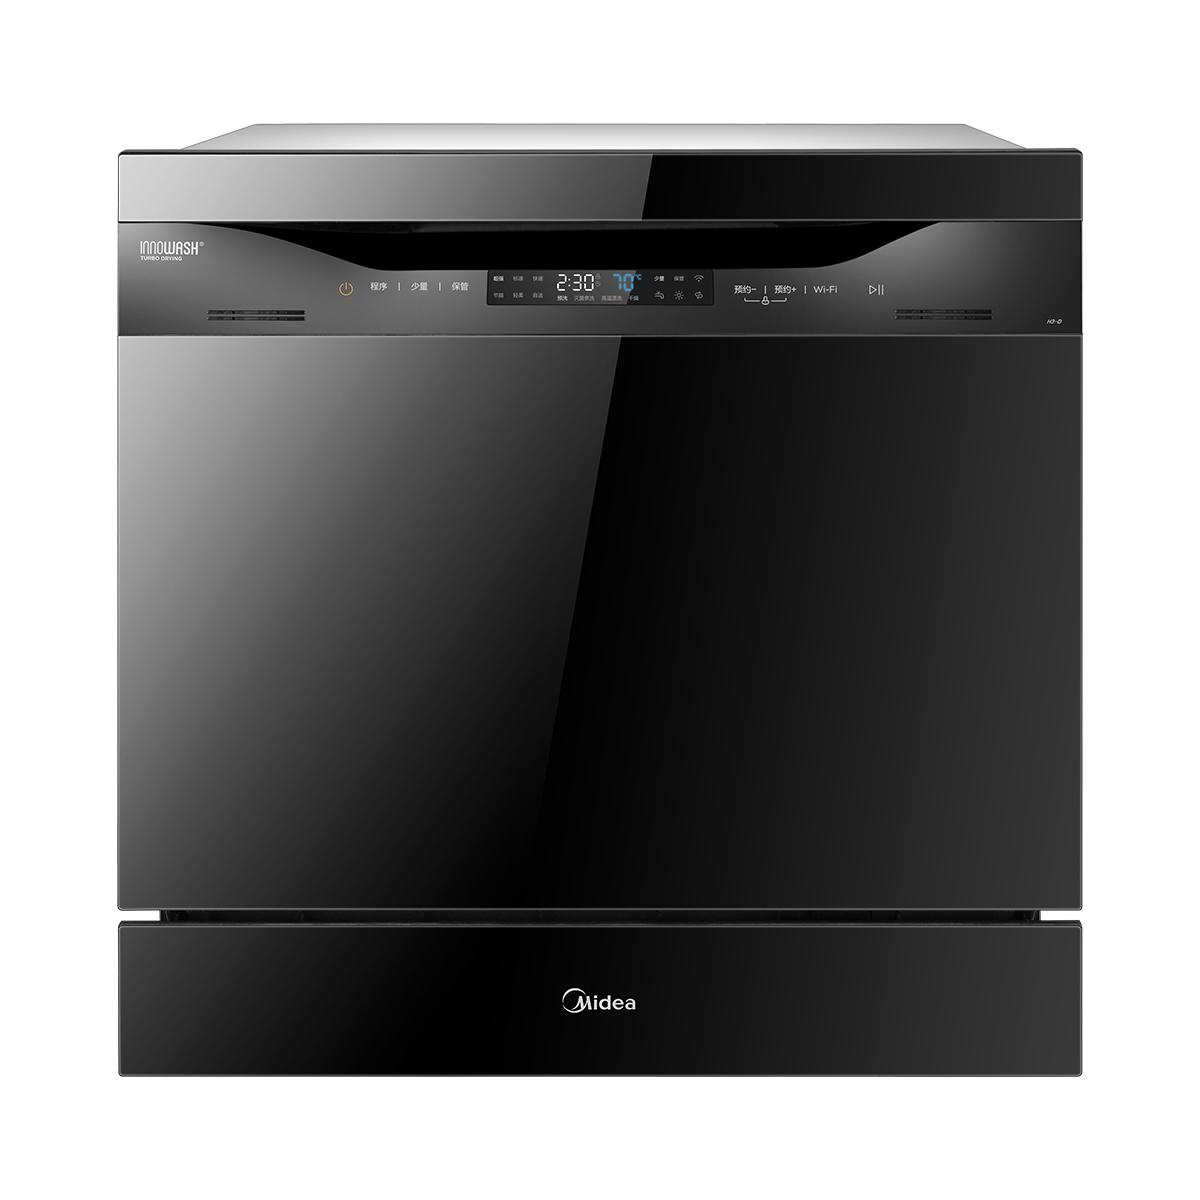 Midea/美的 H3-D洗碗机 说明书.pdf